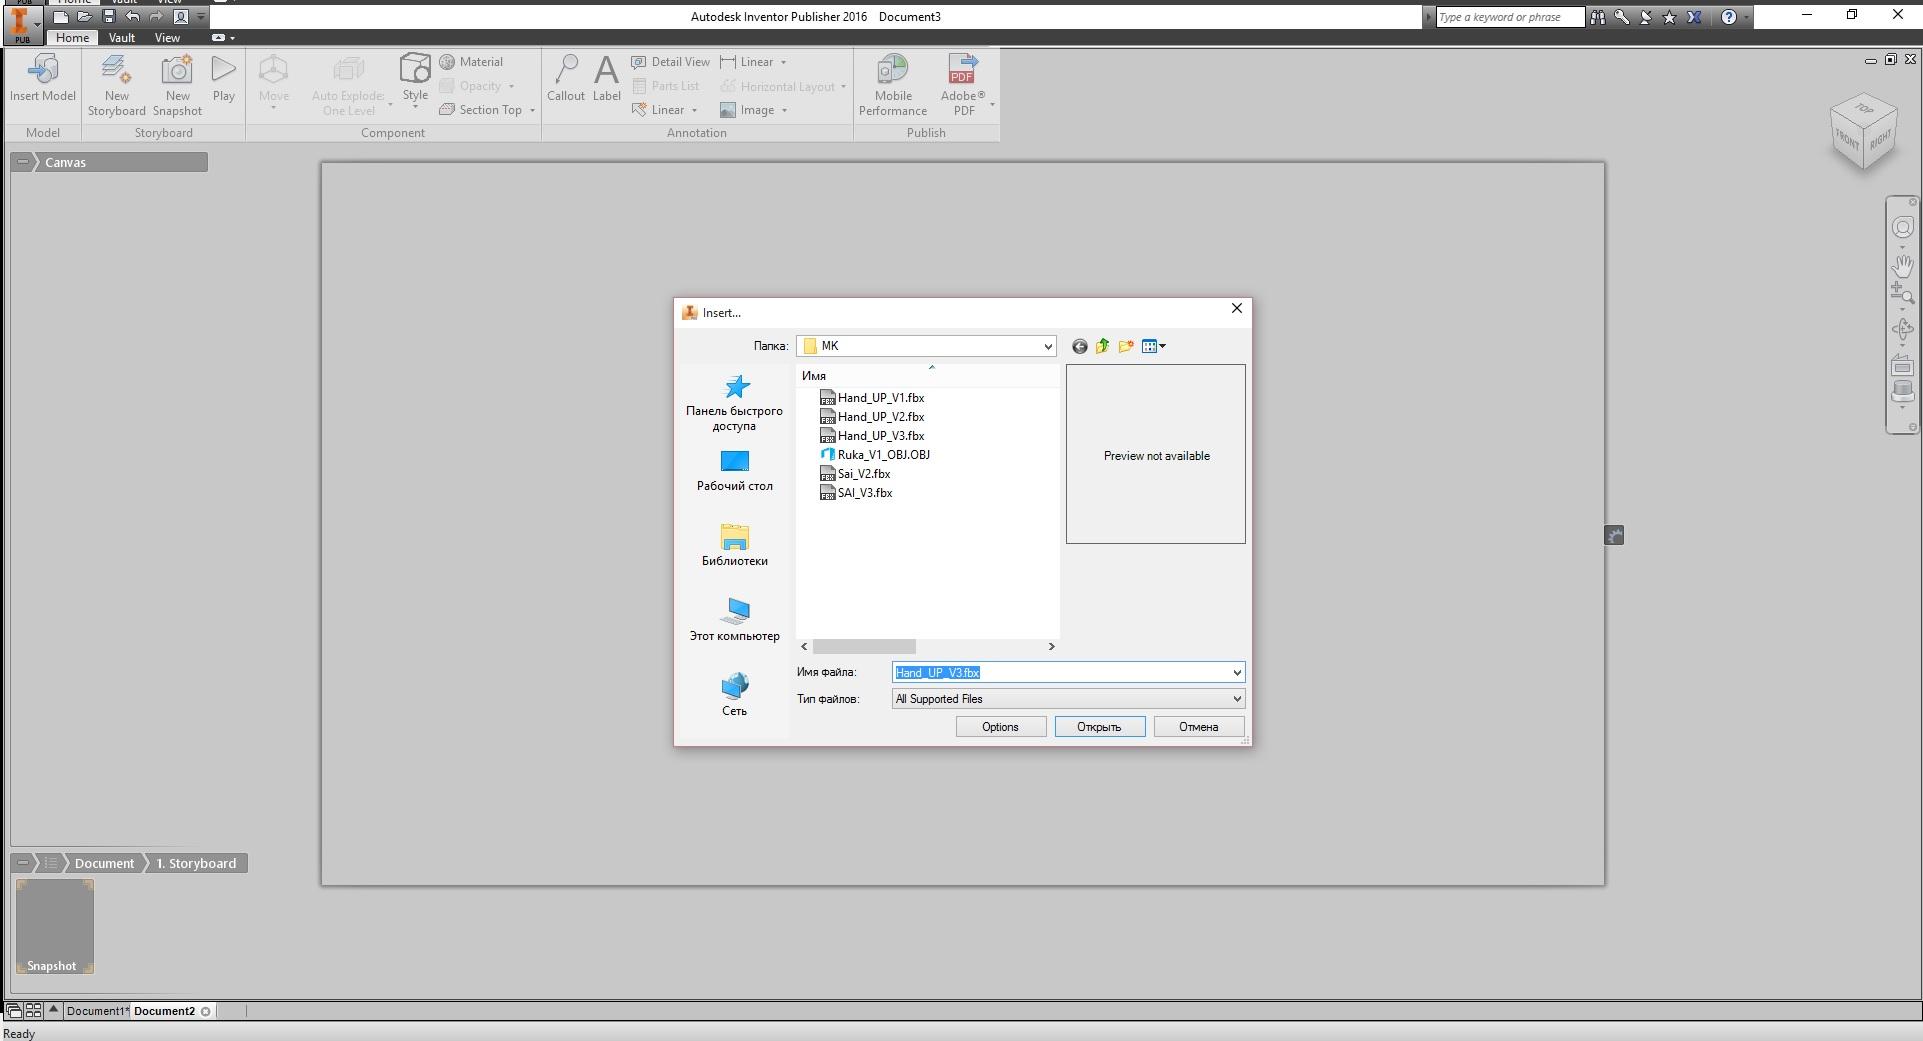 инструкция по импорту модели stl-формата в artcam.